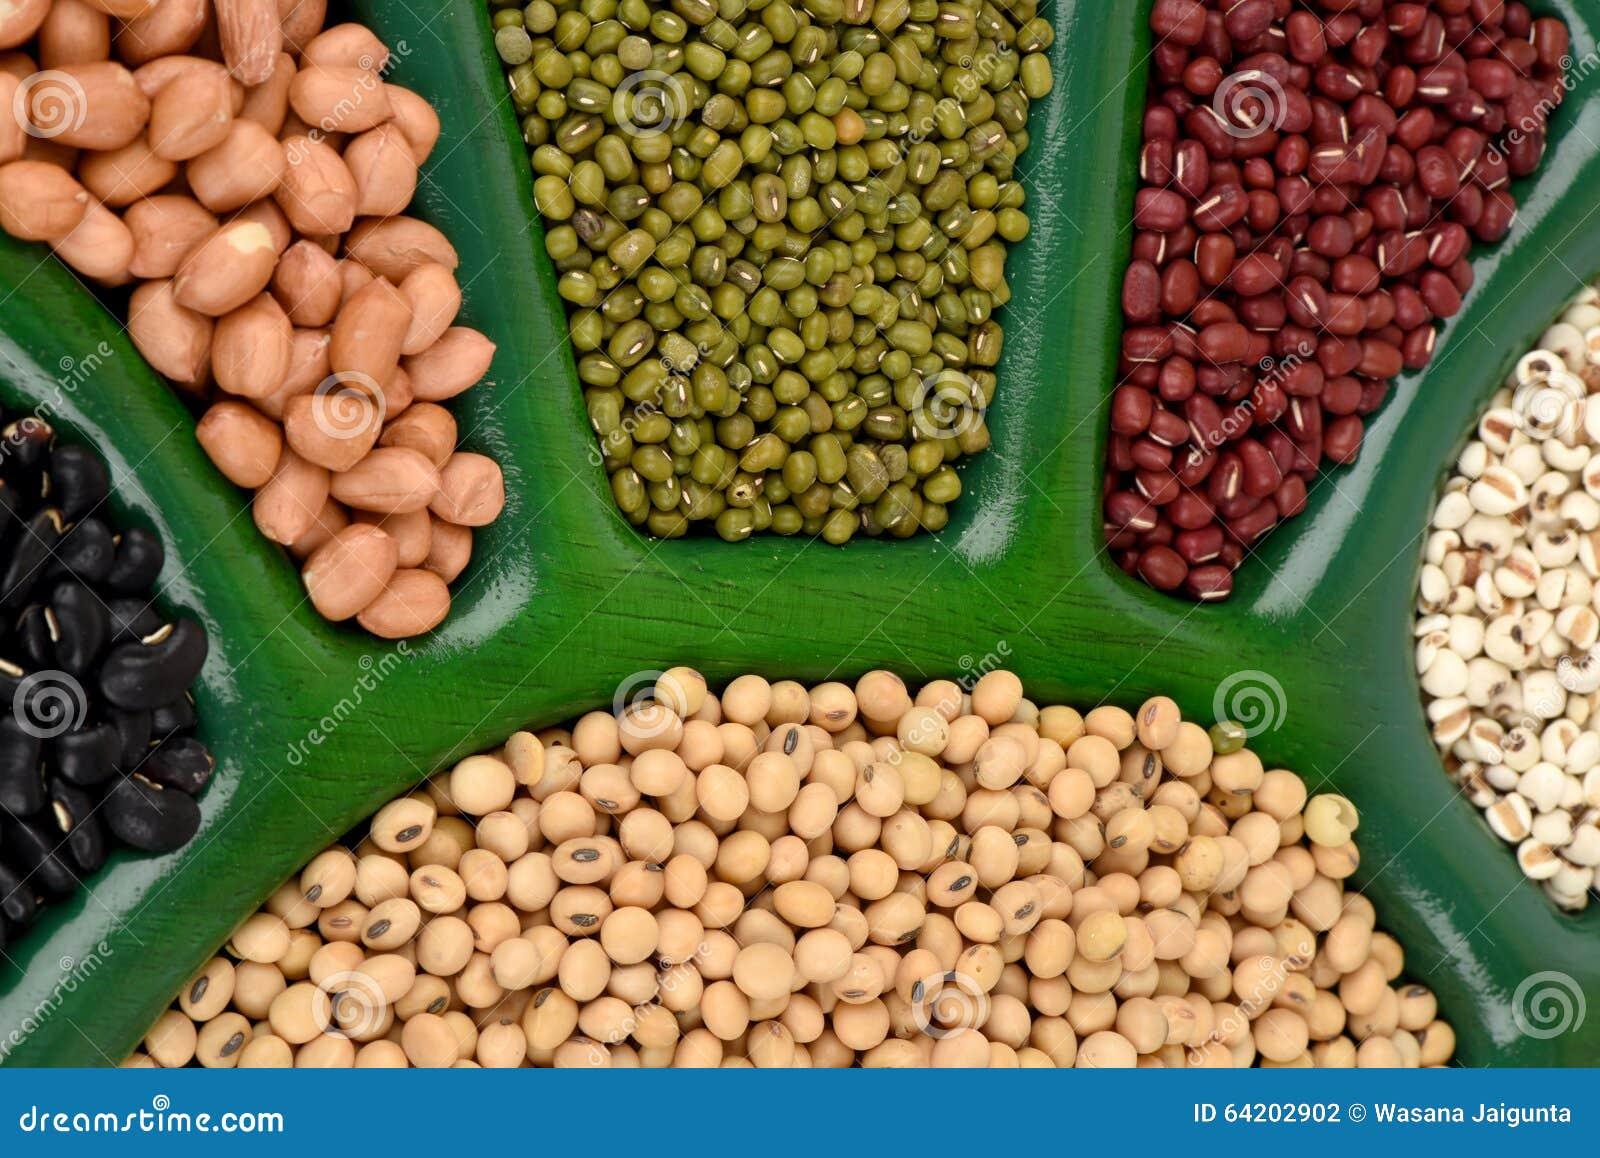 Los rasgones de Ob, habas de la soja, habas rojas, alubias negras, cacahuete y habas verdes